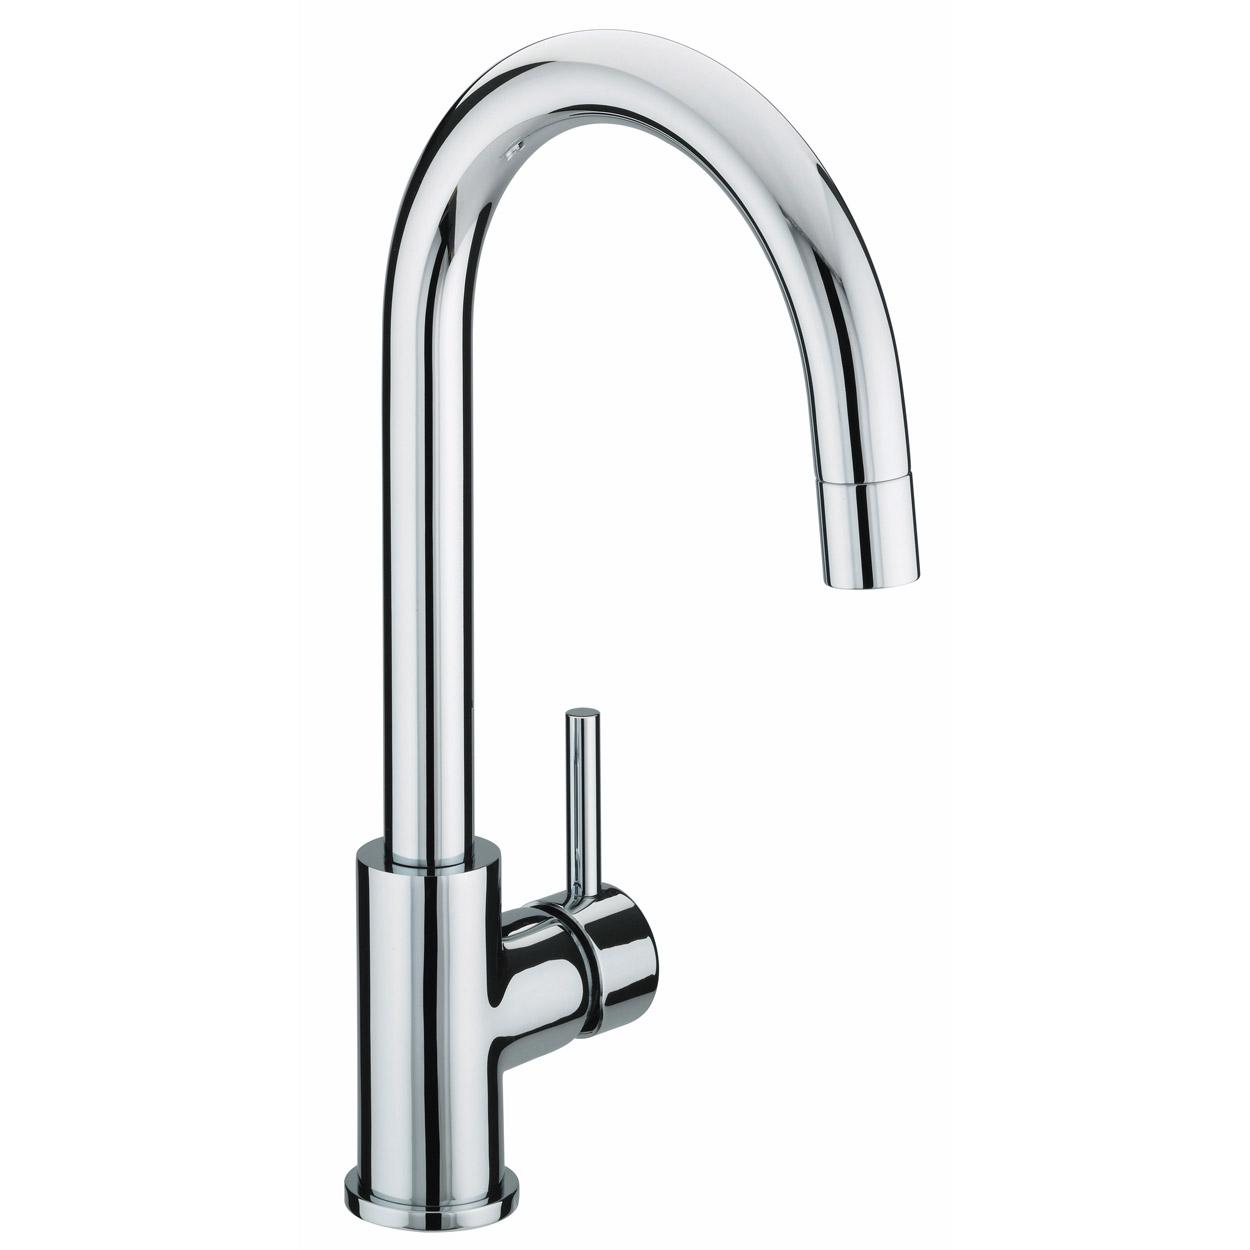 Bristan Prism Mono Kitchen Sink Mixer Tap, Single Handle, Chrome-0